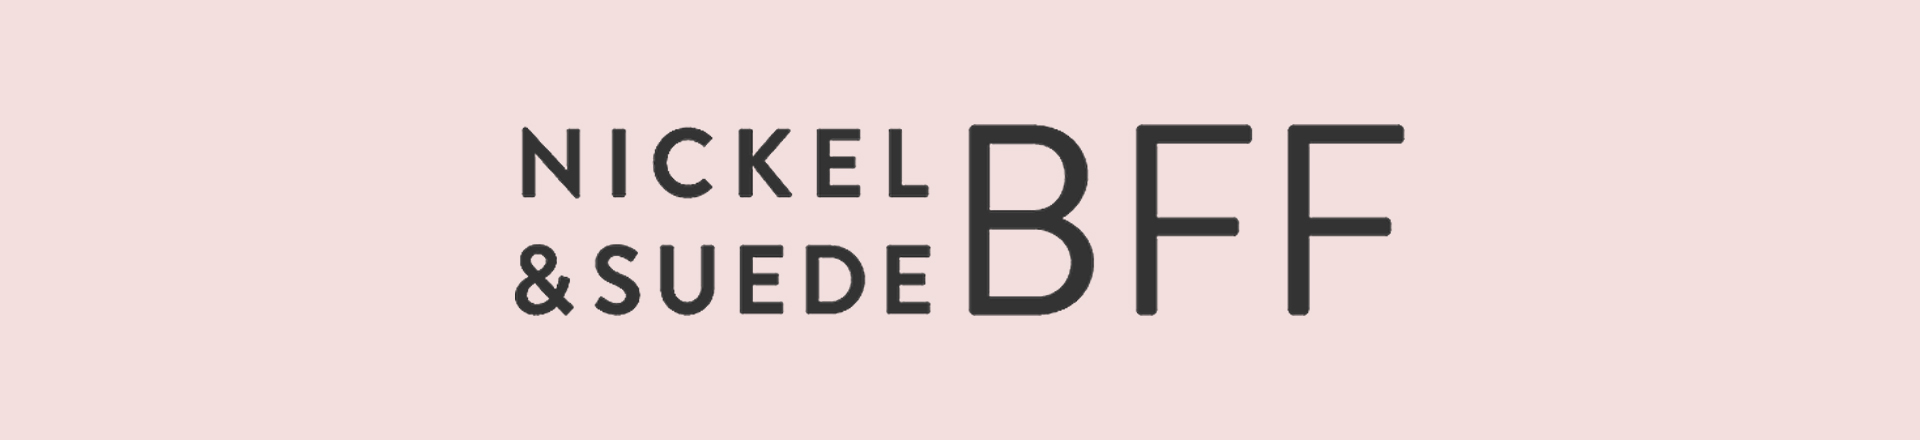 Nickel & Suede BFF